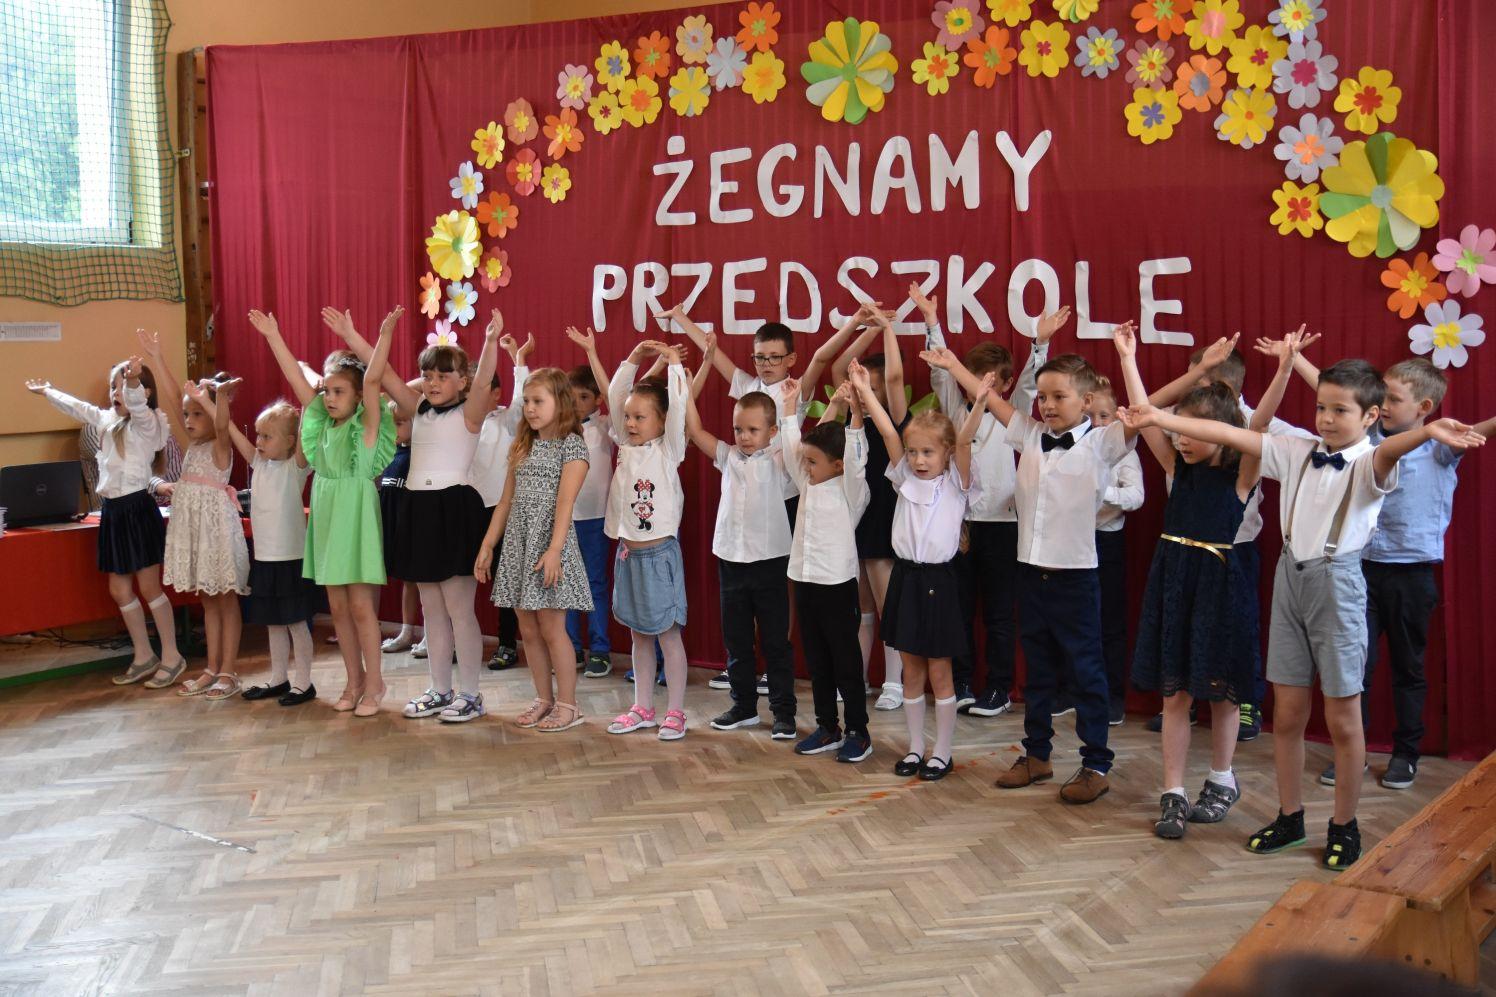 Dzieciaki pożegnały przedszkole i swoich wychowawców [ZDJĘCIA] - Zdjęcie główne